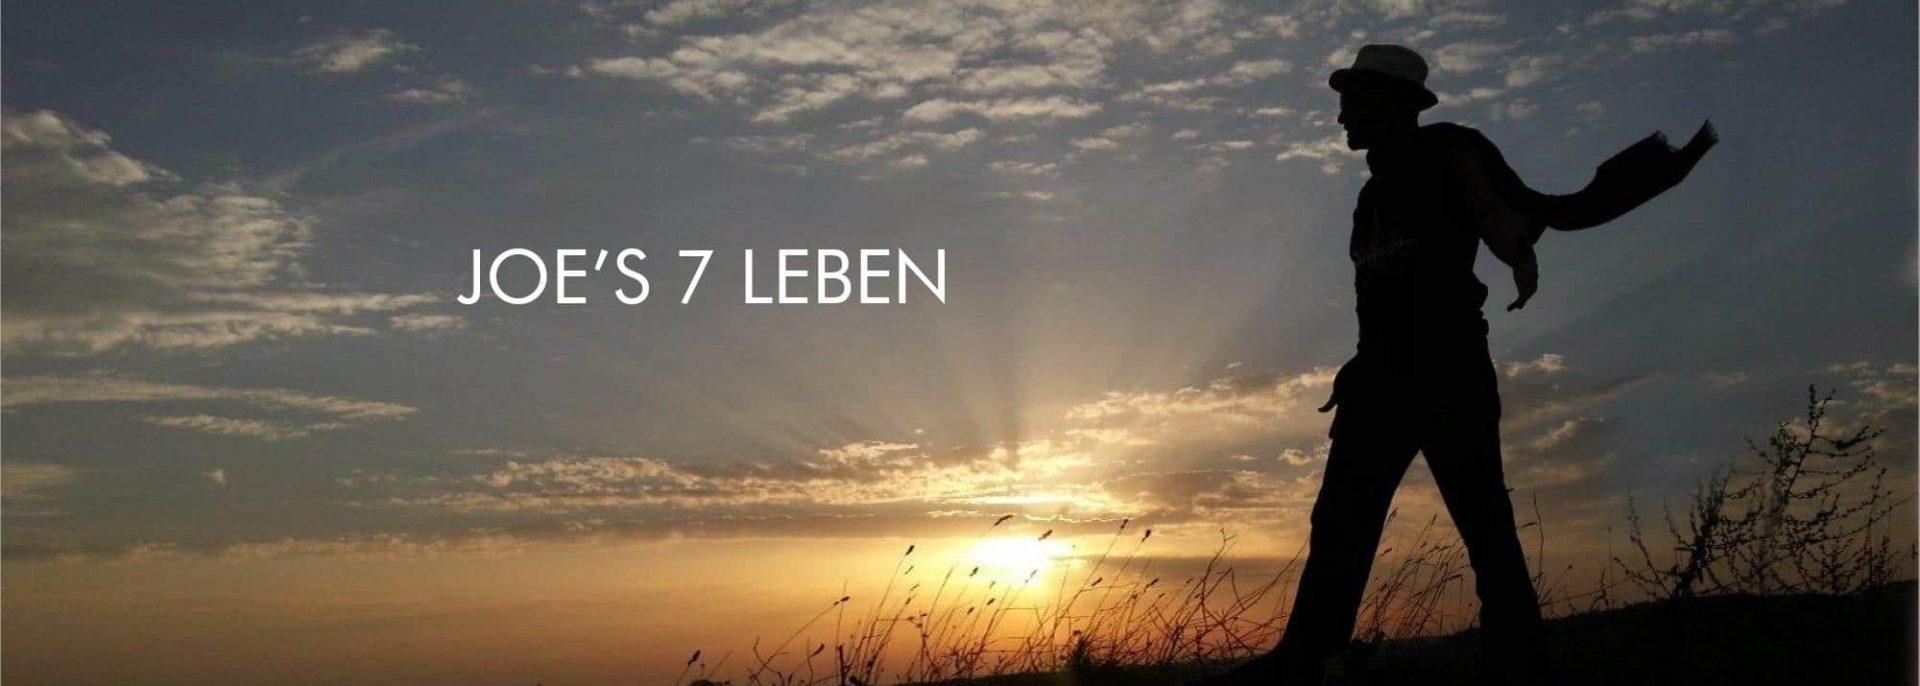 joe-sieben-leben